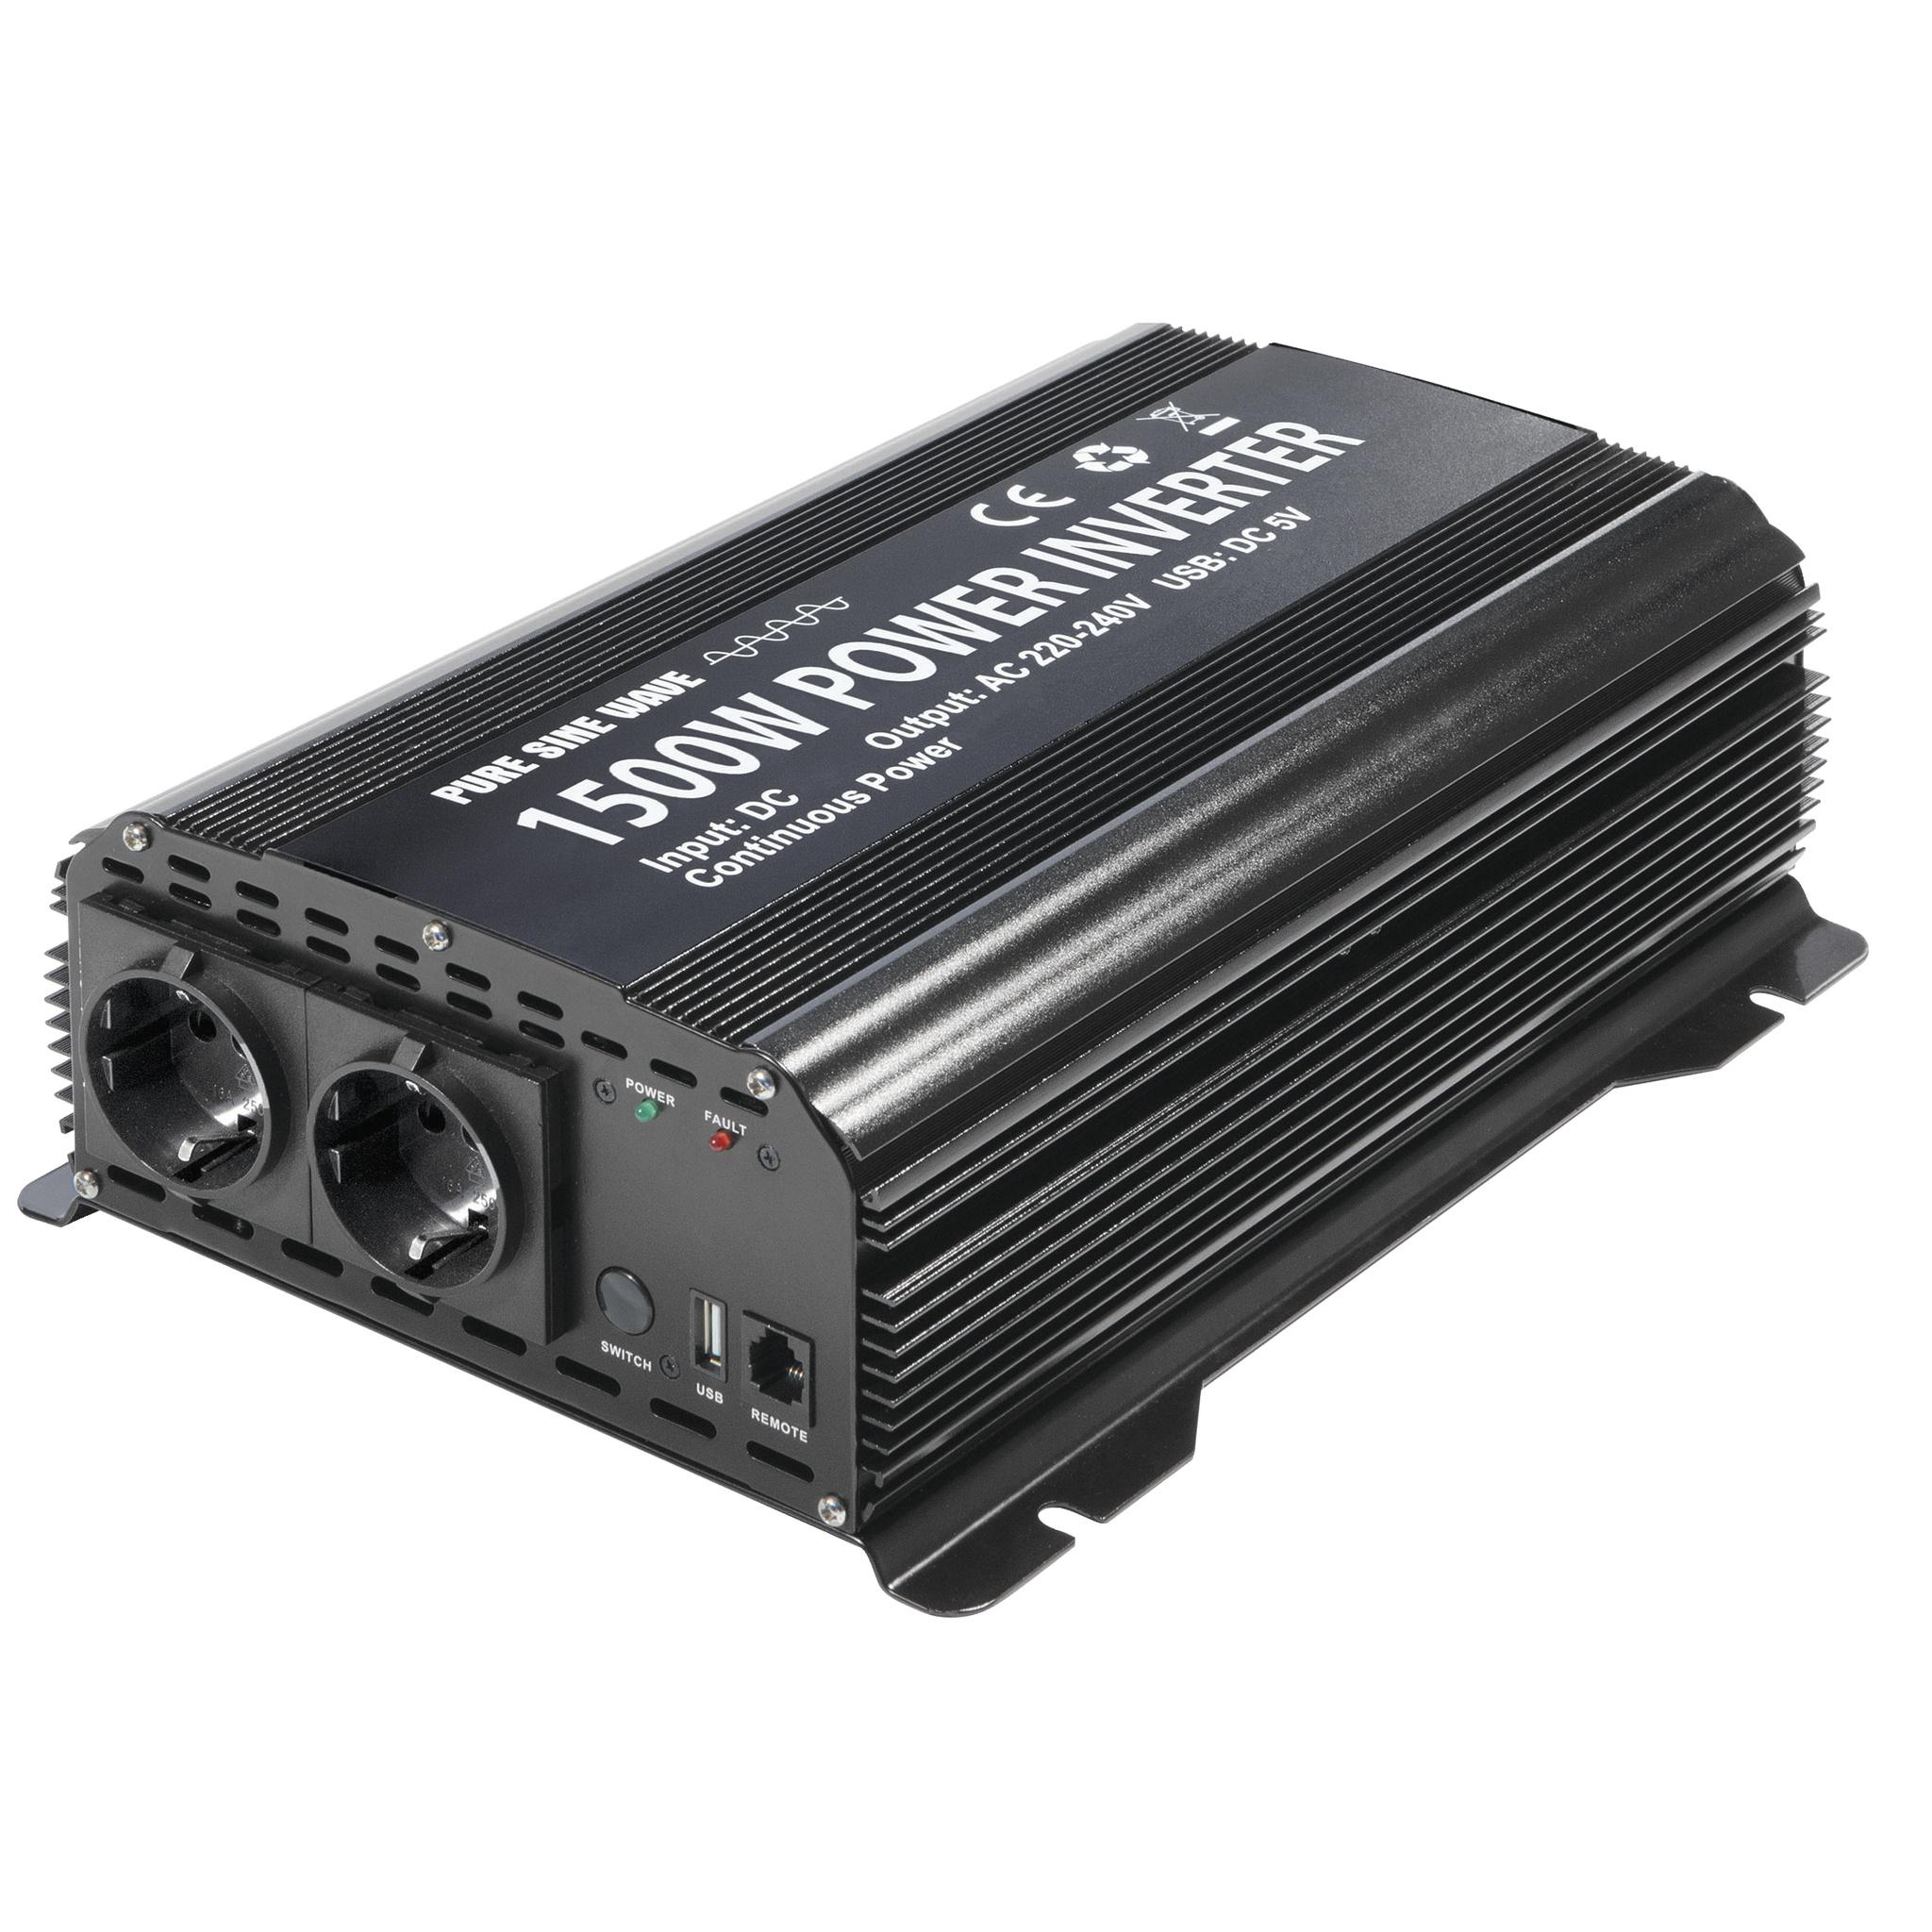 Omvormer-inverter PSW 1500W 12V met remote